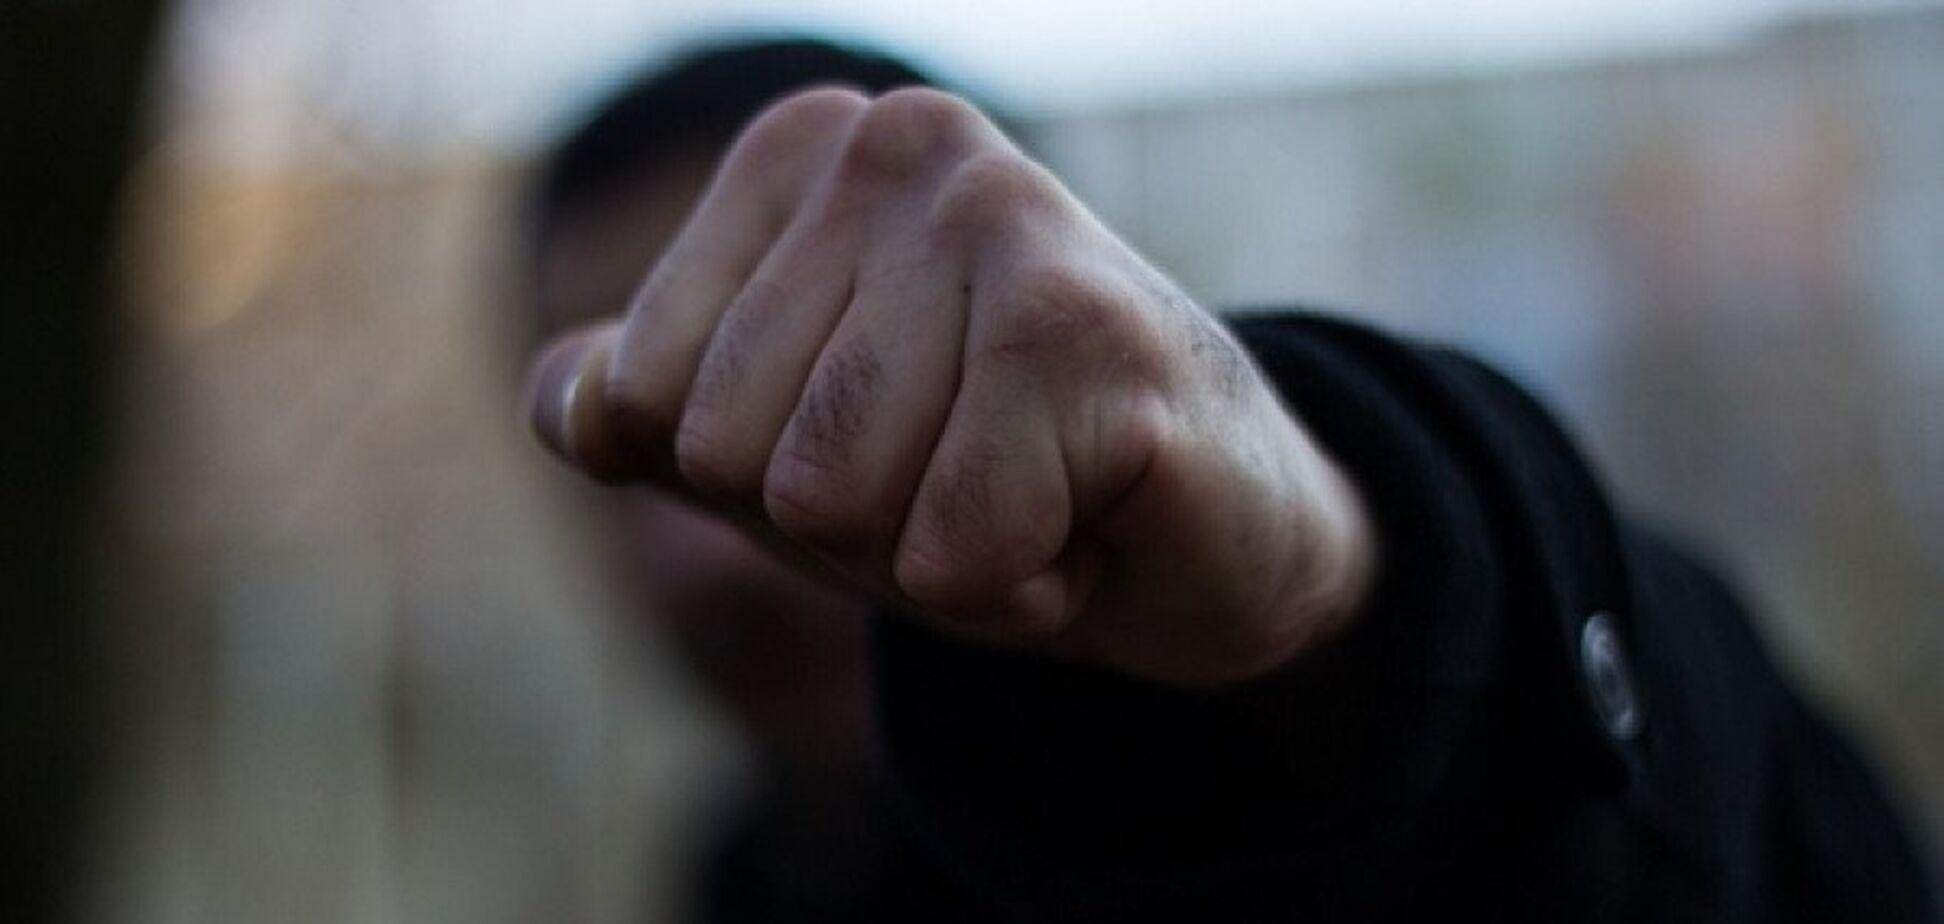 Связали и пытали: под Днепром неизвестные напали на семейную пару